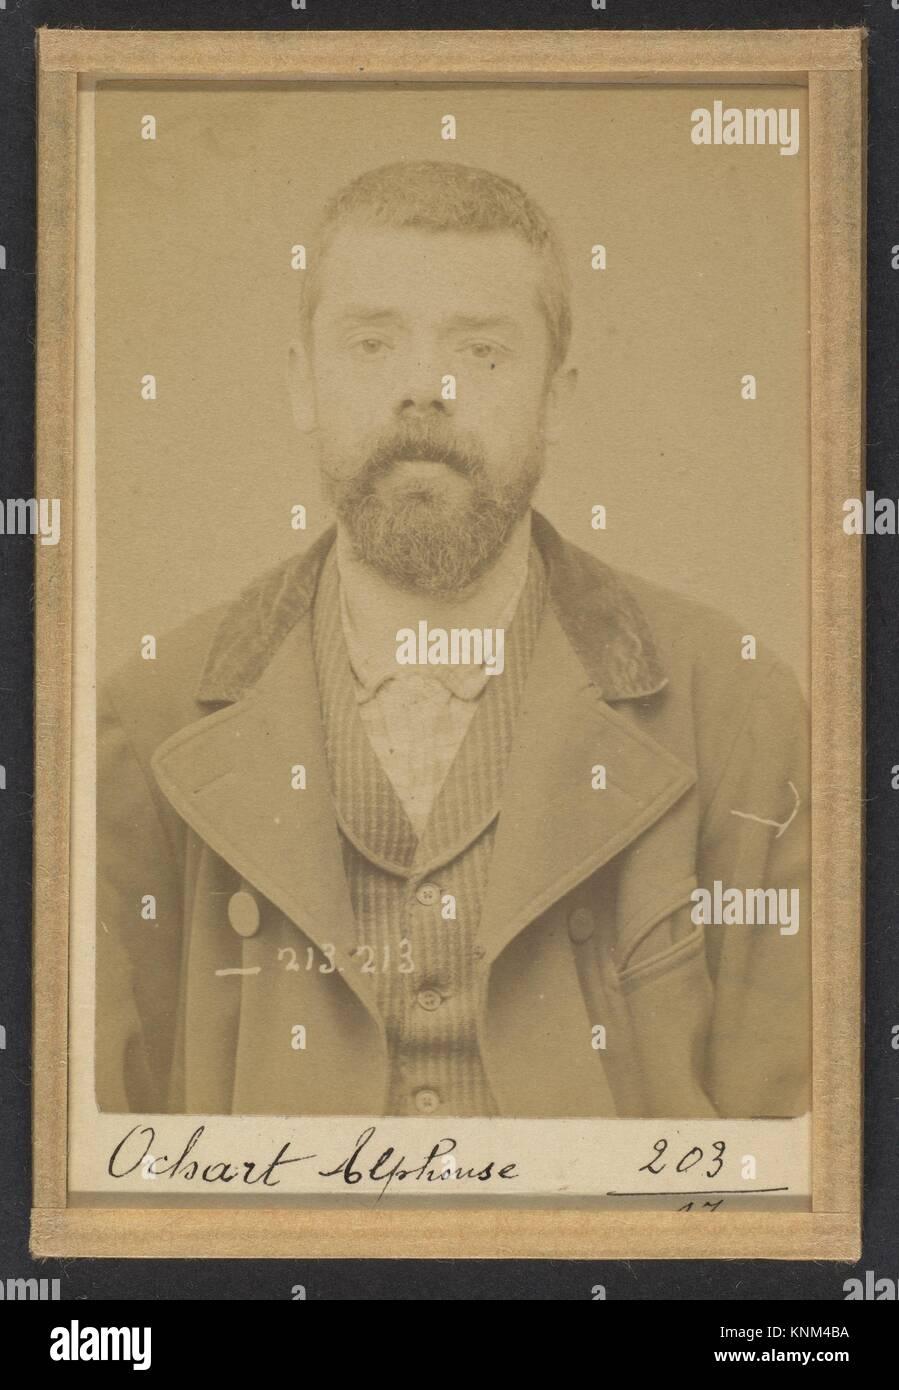 309. Ochart. Alphonse. 37 ans, né le 24/1/56 à Asbruch (Nord). Fabricant de chaussures. Anarchiste. 22/1/94. - Stock Image